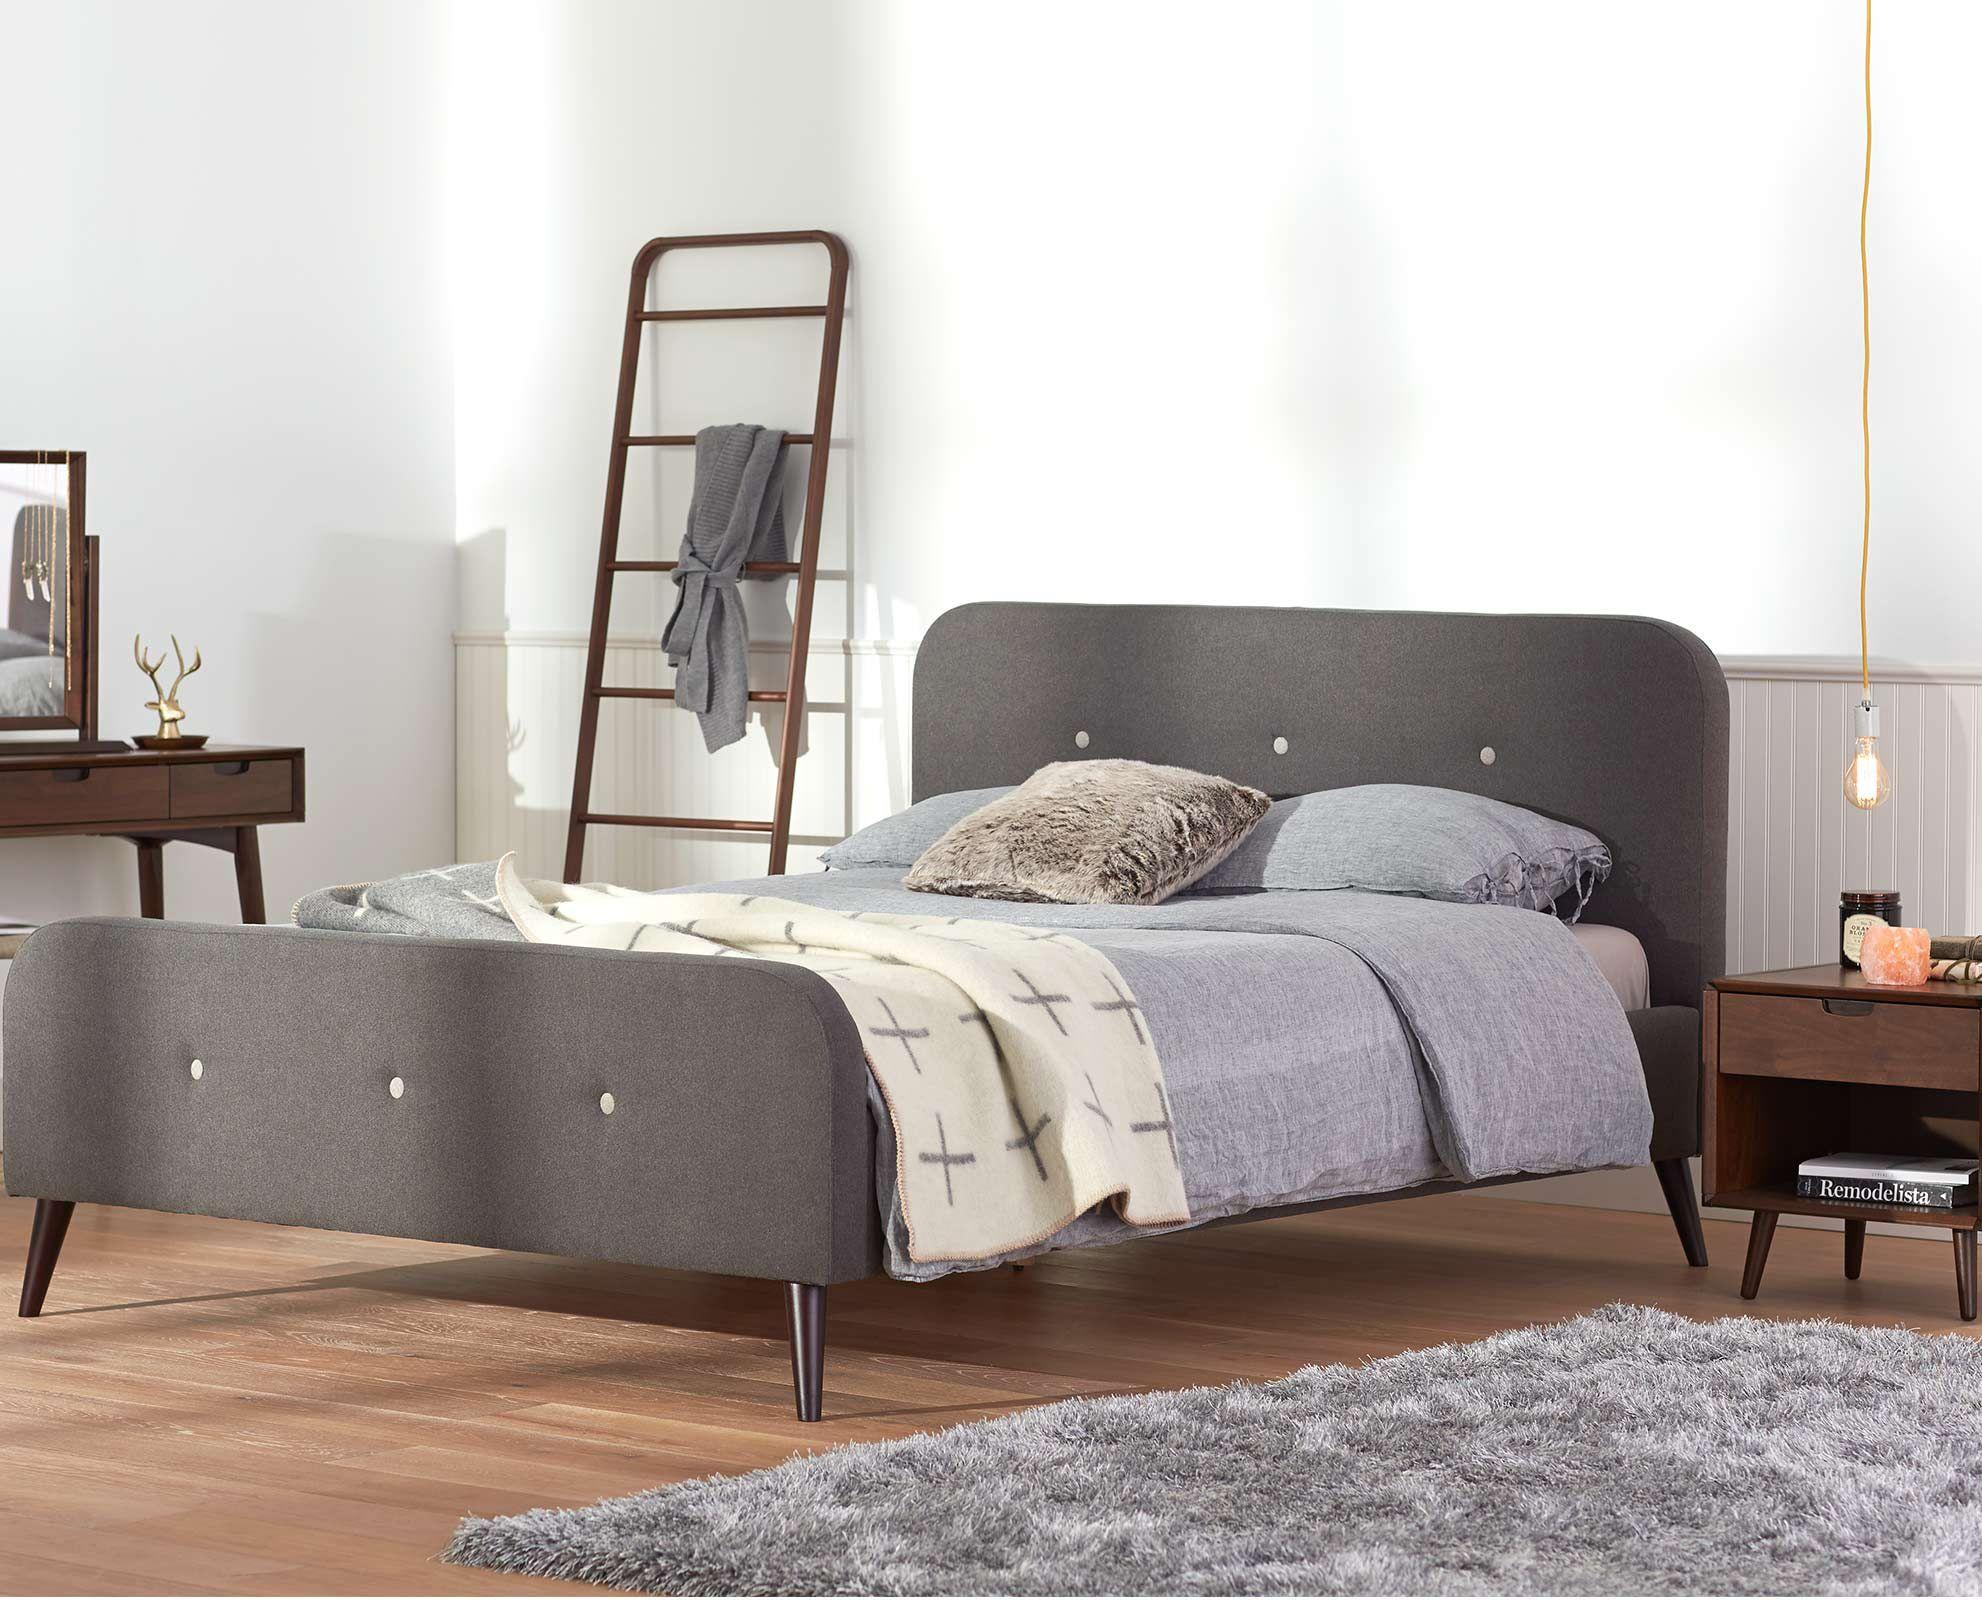 visit store for pricing slats not platform virklund bed